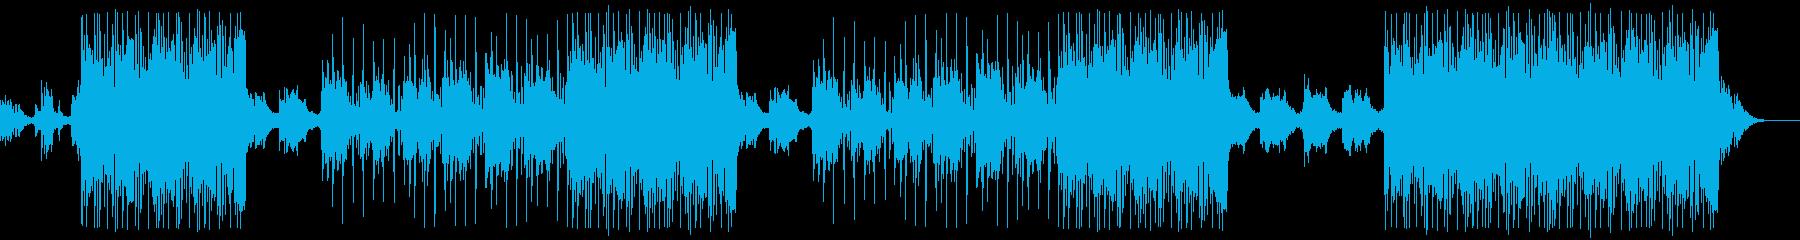 綺麗に響くピアノ/ミディアムバラードの再生済みの波形